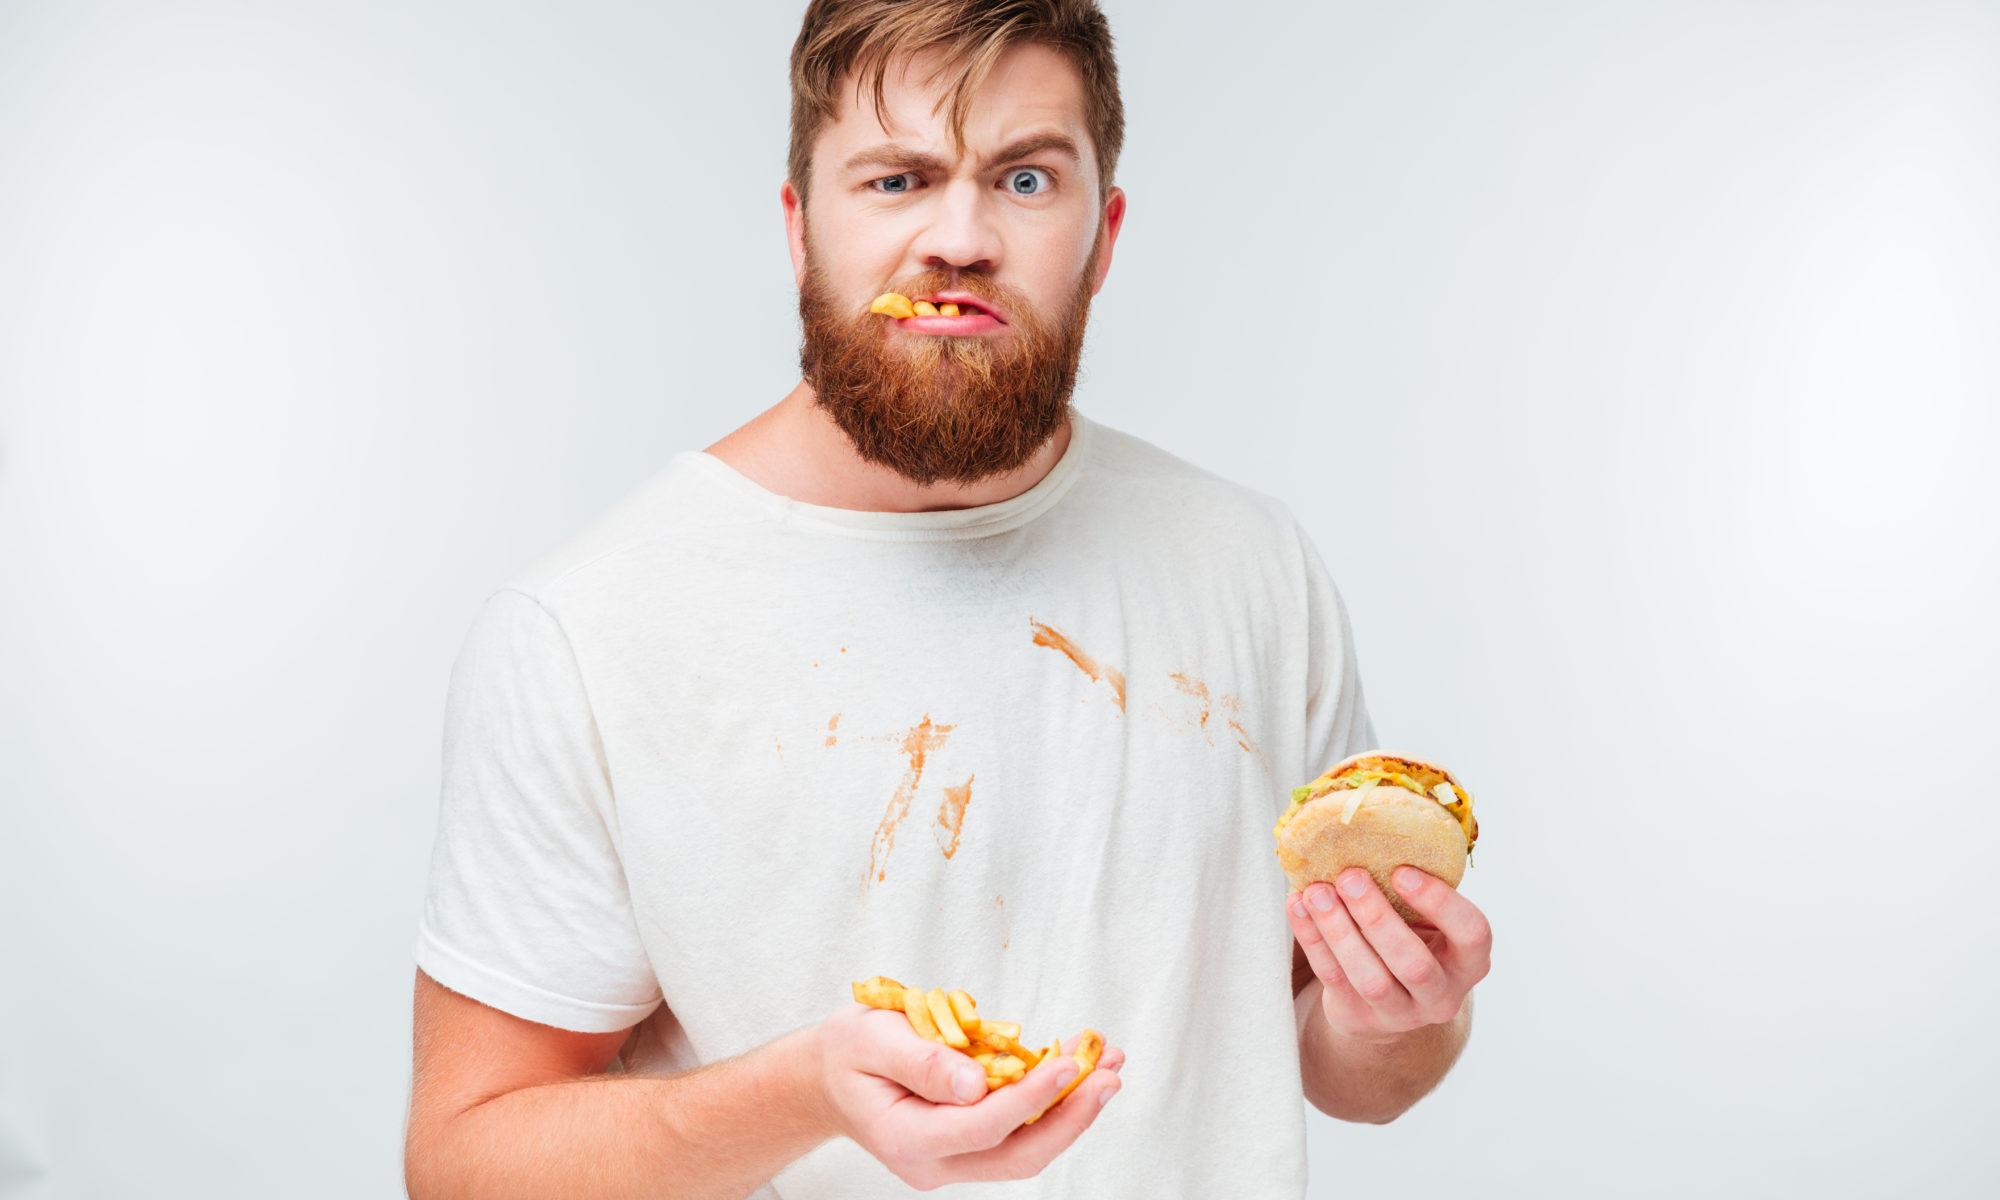 Les gens qui mangent la bouche pleine et en faisant du bruit avec leur bouche